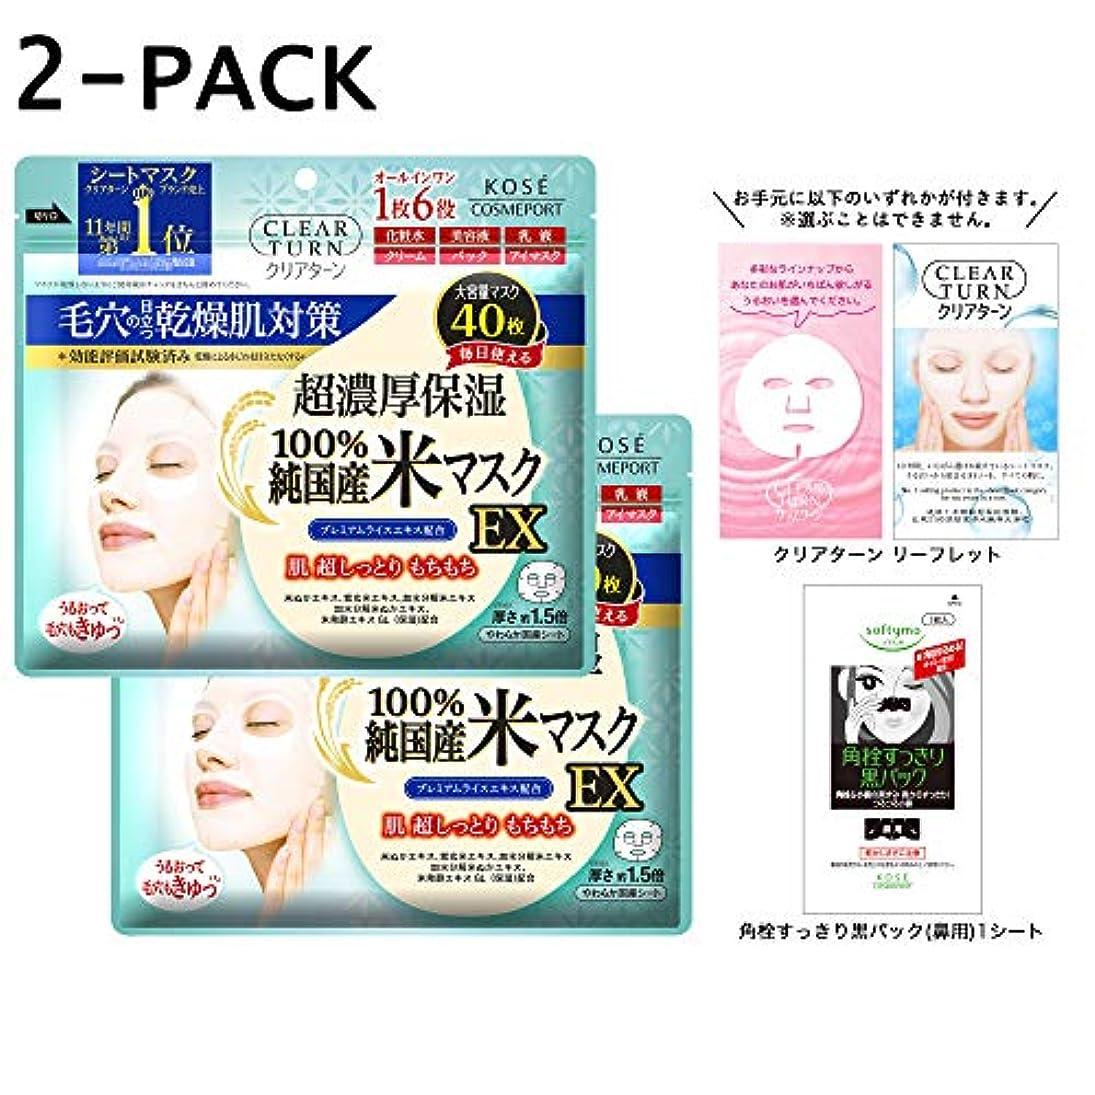 リフレッシュ眠り例示する【Amazon.co.jp限定】KOSE クリアターン 純国産米マスク EX 40枚入 2P+リーフレット付き